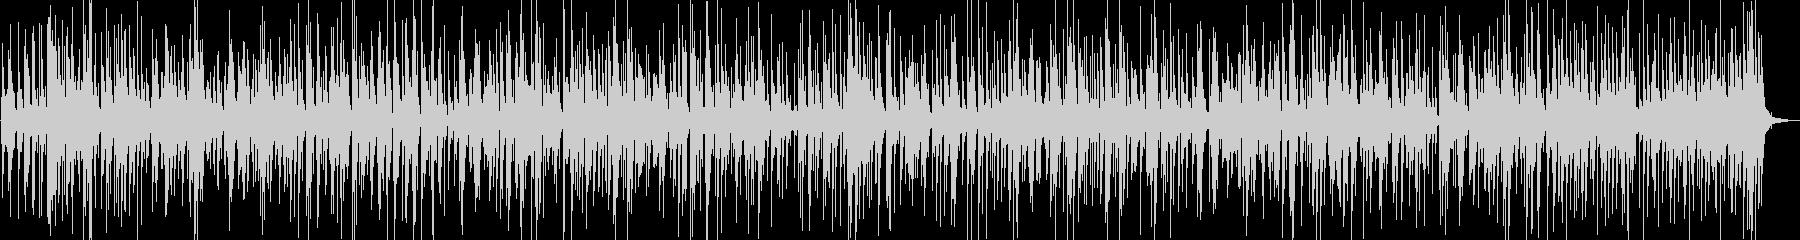 ピアノジャズバラード・切なさ・落ち着きの未再生の波形